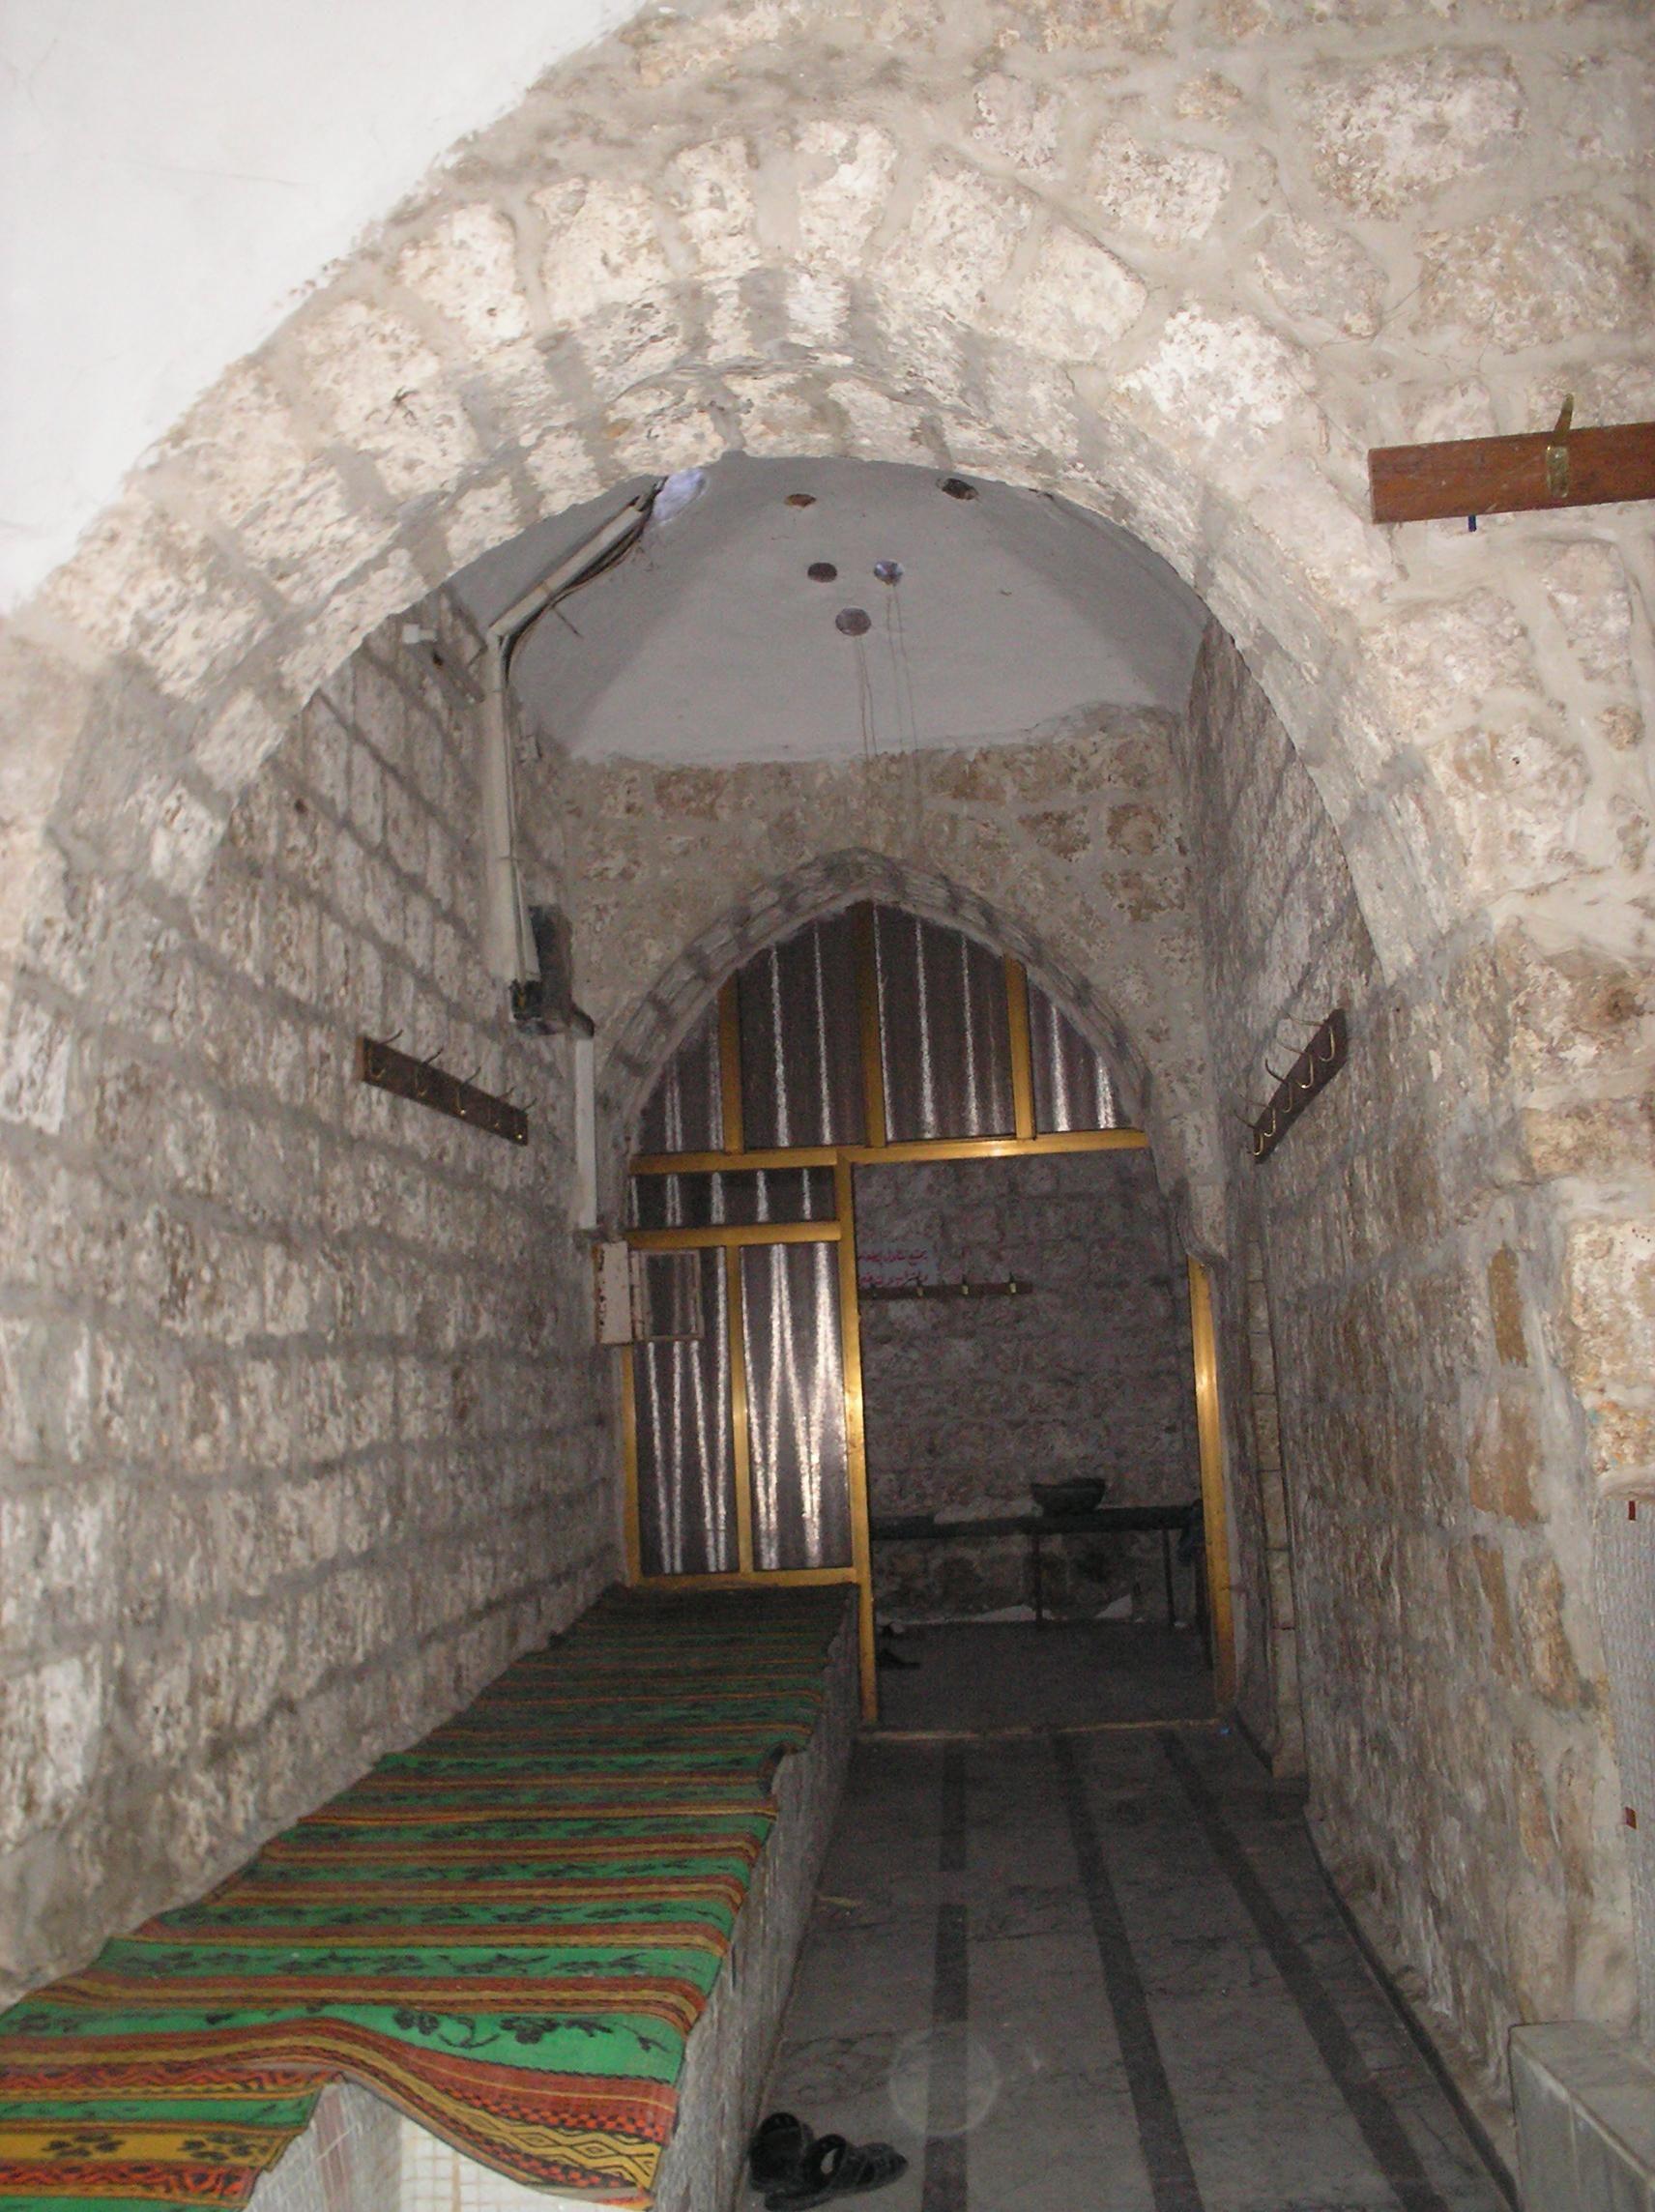 نابلس نابلس الحمام التركي في حي القصبة 2 11611 فلسطين في الذاكرة Urban Mapping Pictures Palestine